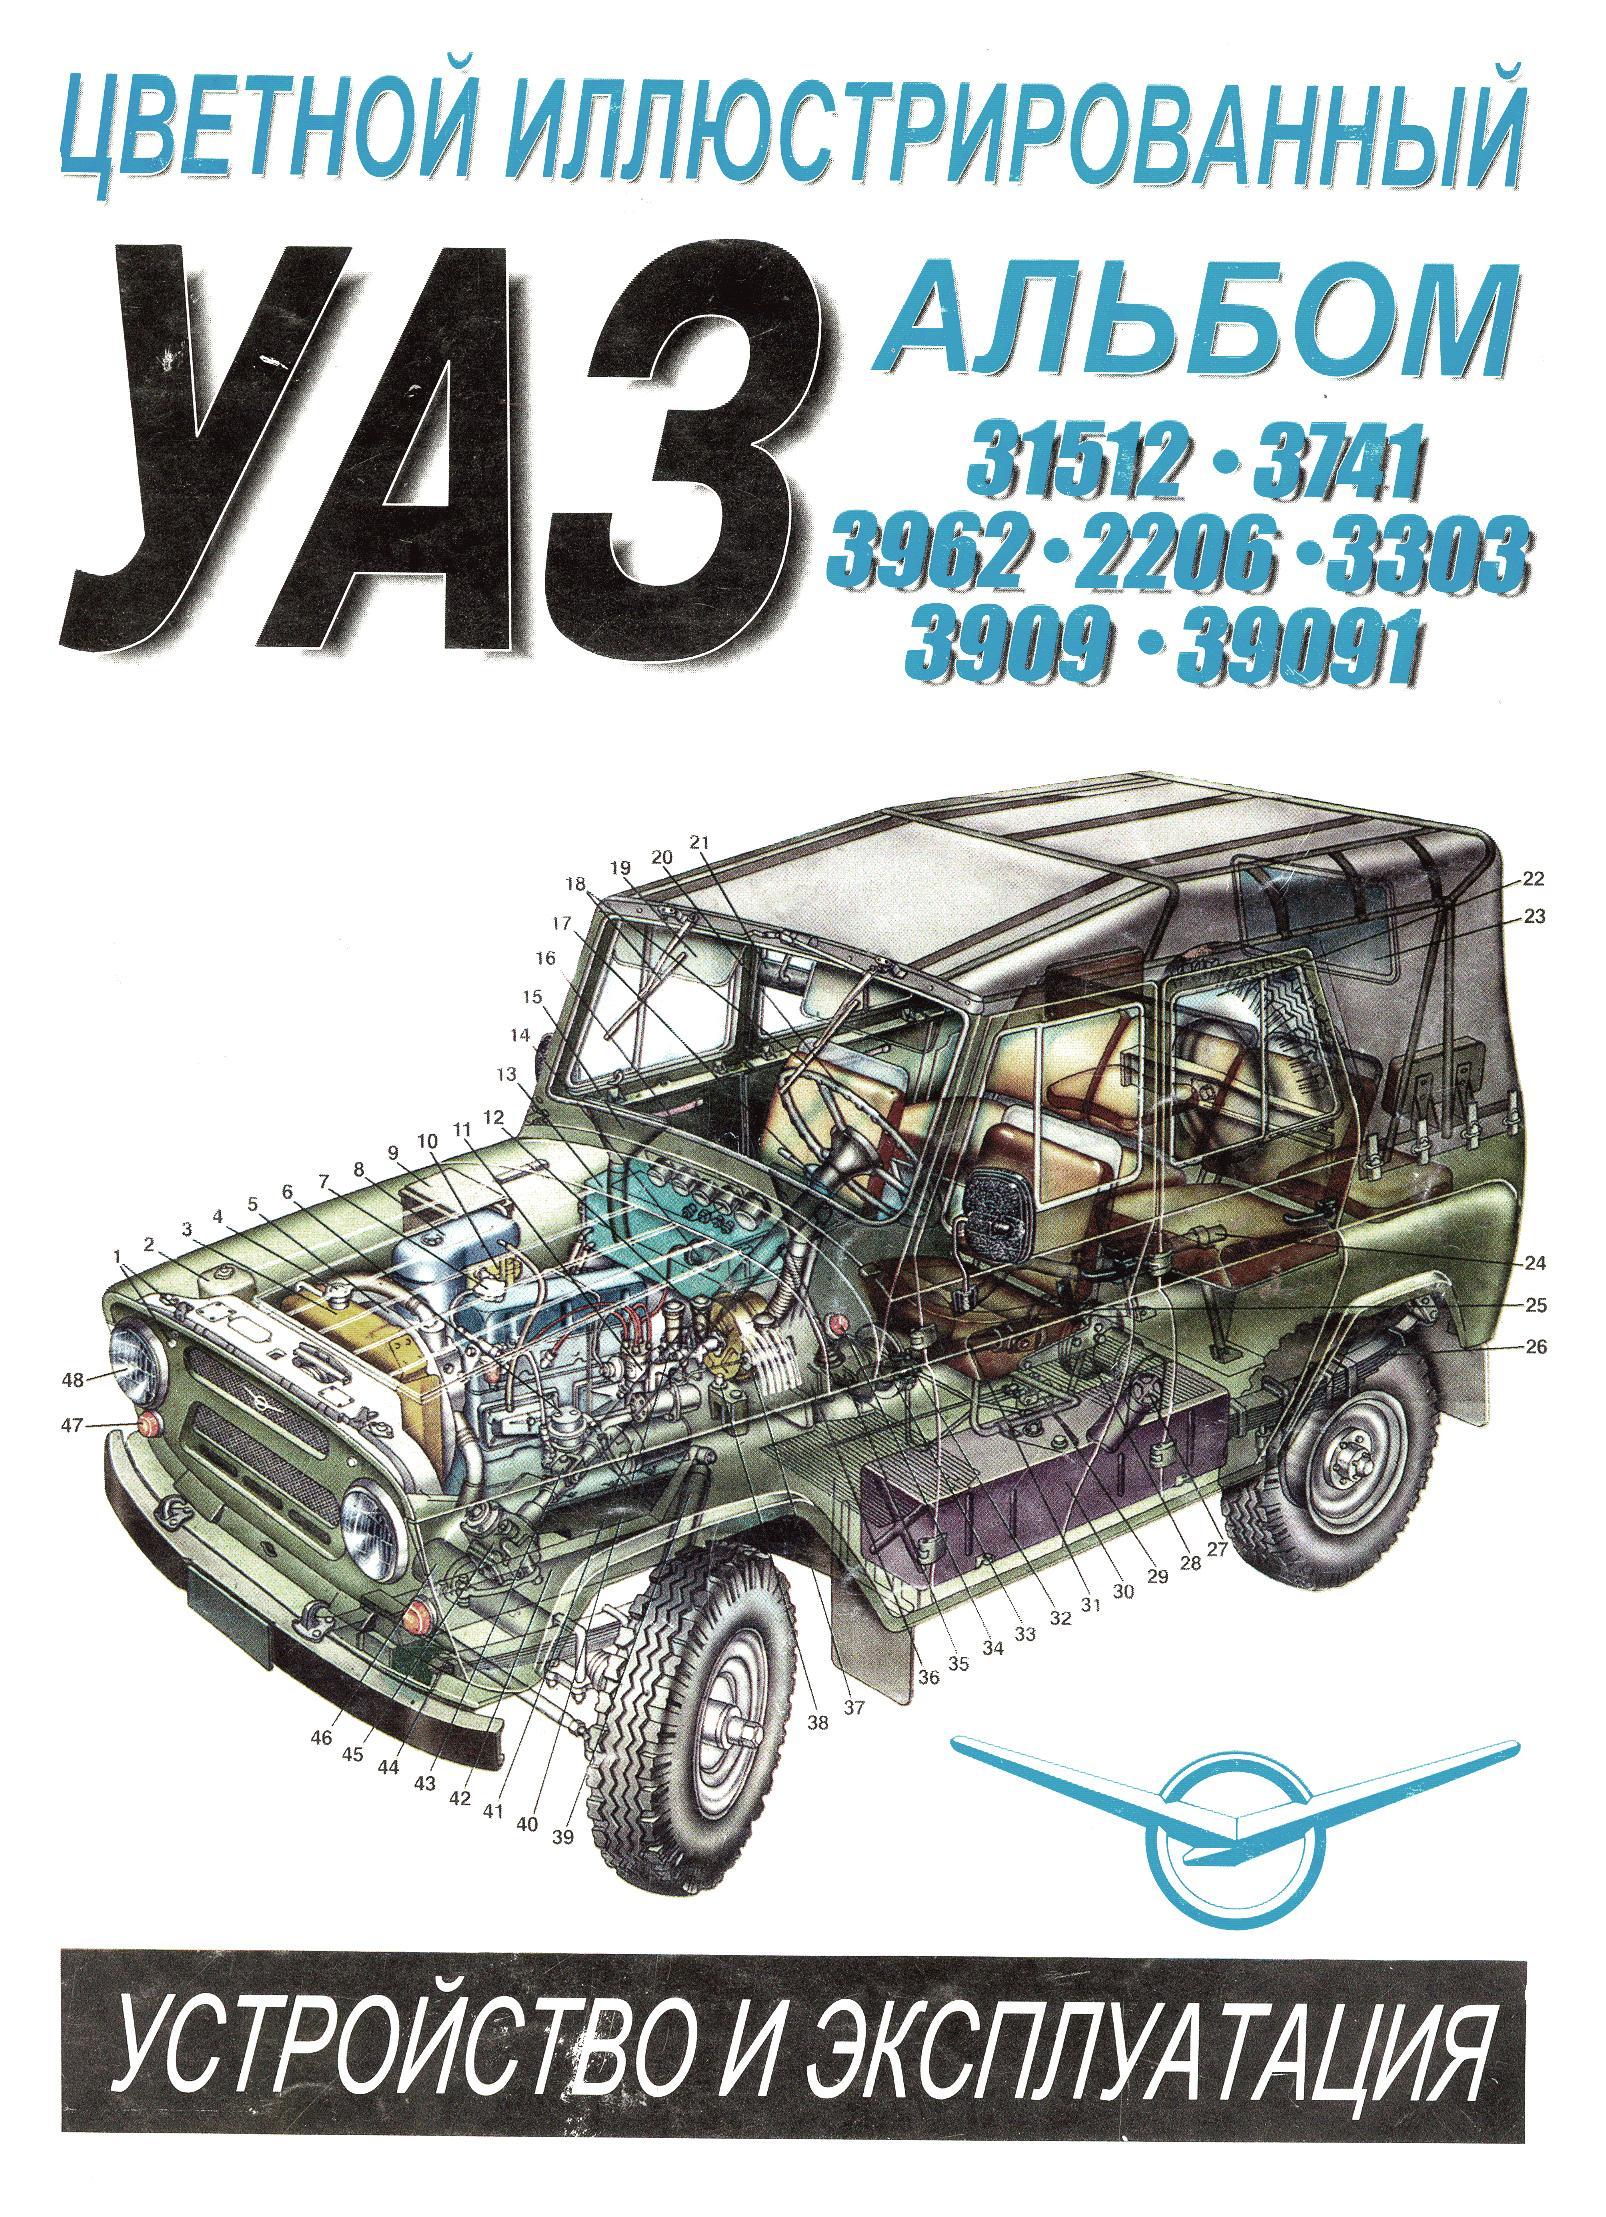 Автомобили уаз техническое обслуживание и ремонт